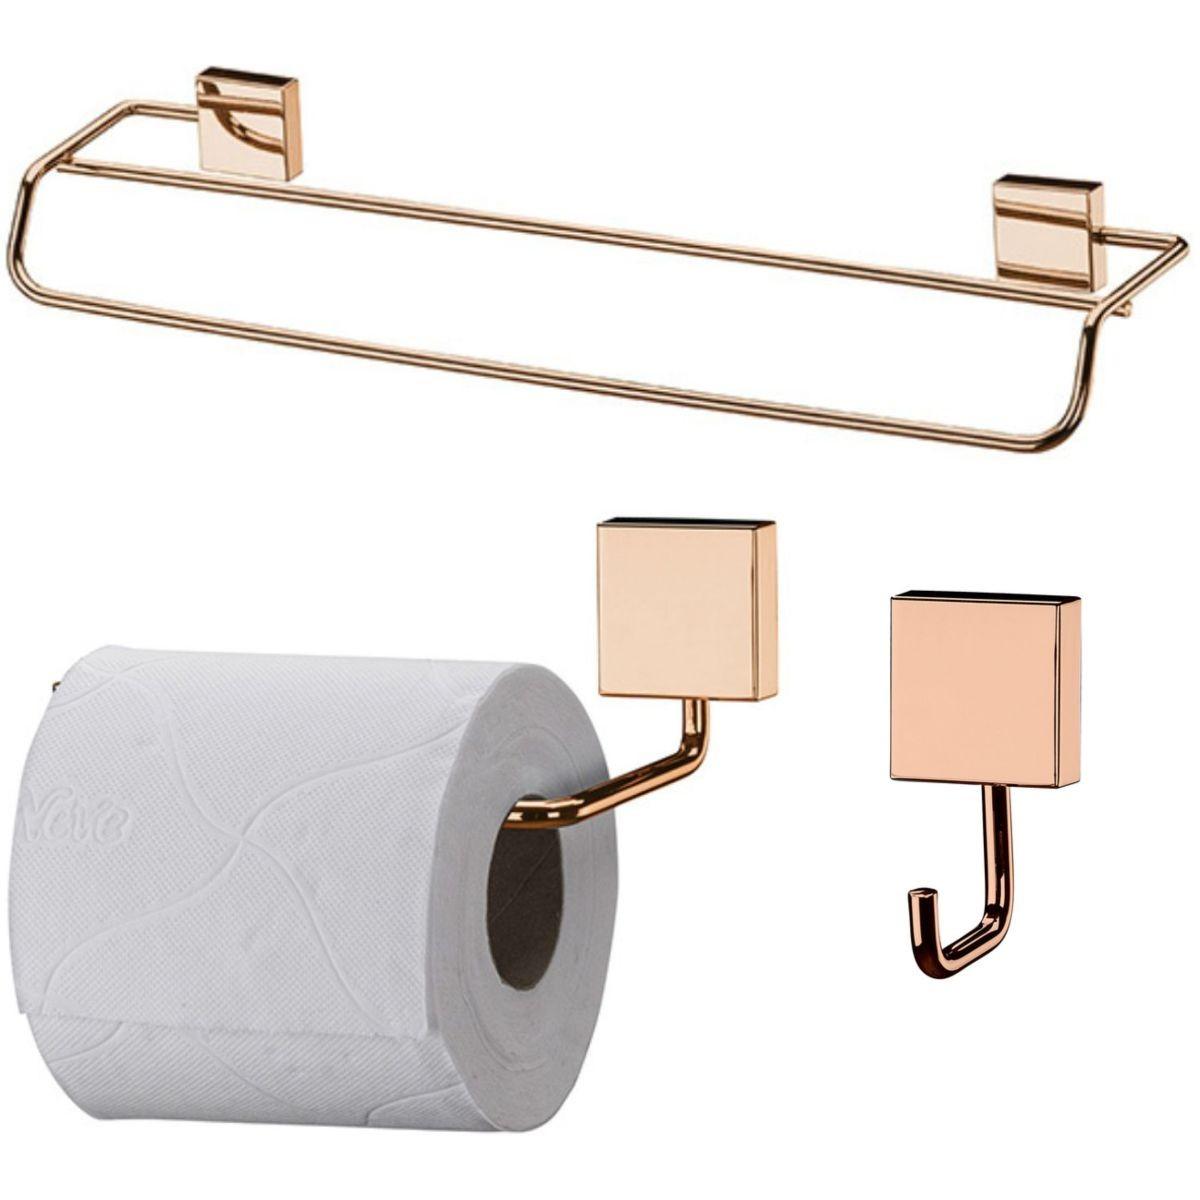 Organizadores de Banheiro Cobre Rosé Gold Toalheiro Gancho